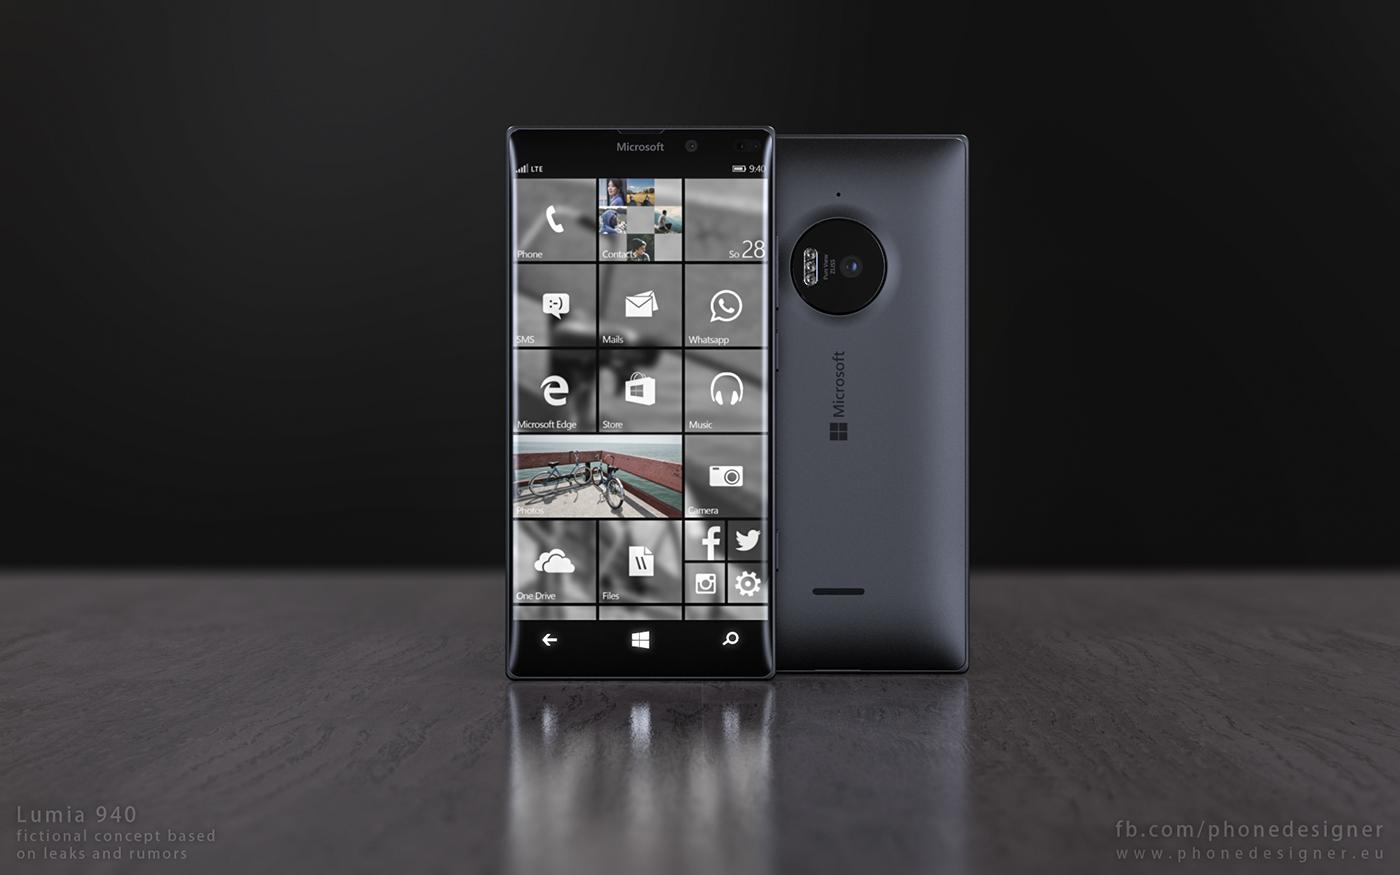 Mẫu Lumia 940 đẹp mê mẩn khiến dân công nghệ muốn có trên tay ngay lập tức